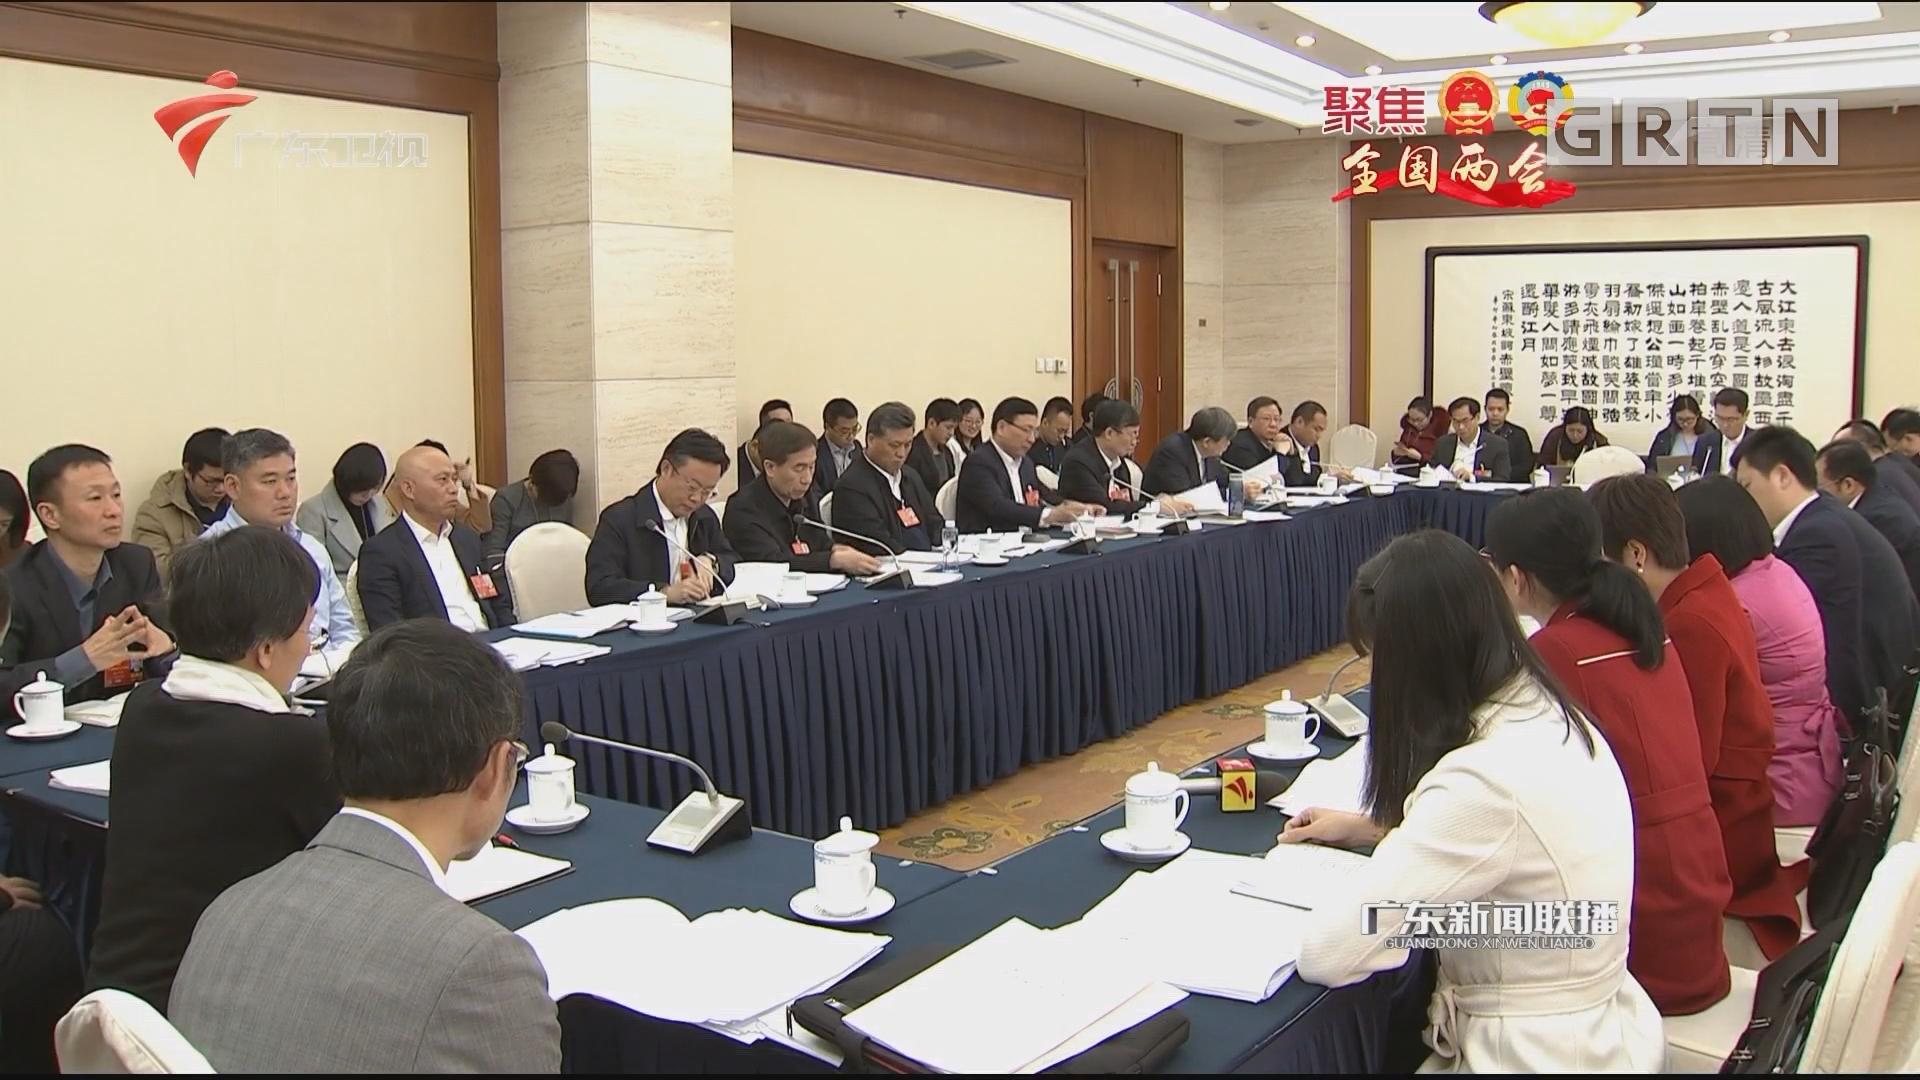 广东代表团召开小组会议 审议宪法修正案草案